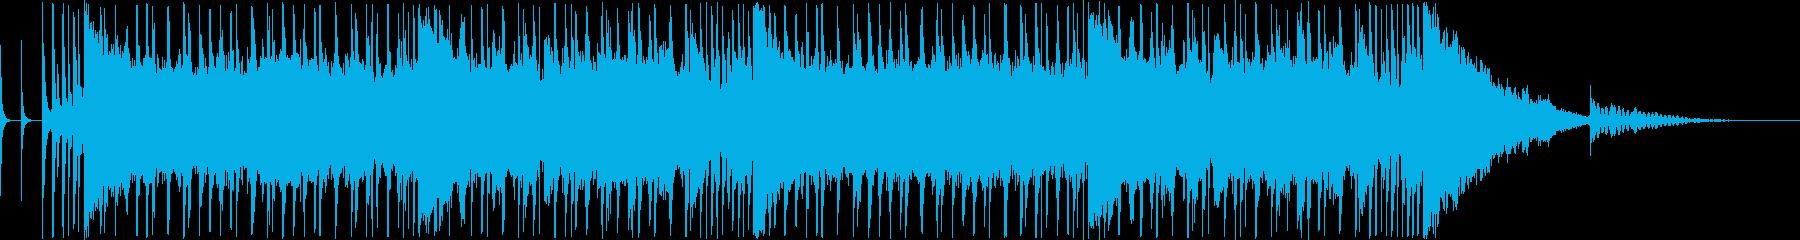 ダーク&パワフルなバンドサウンドの再生済みの波形